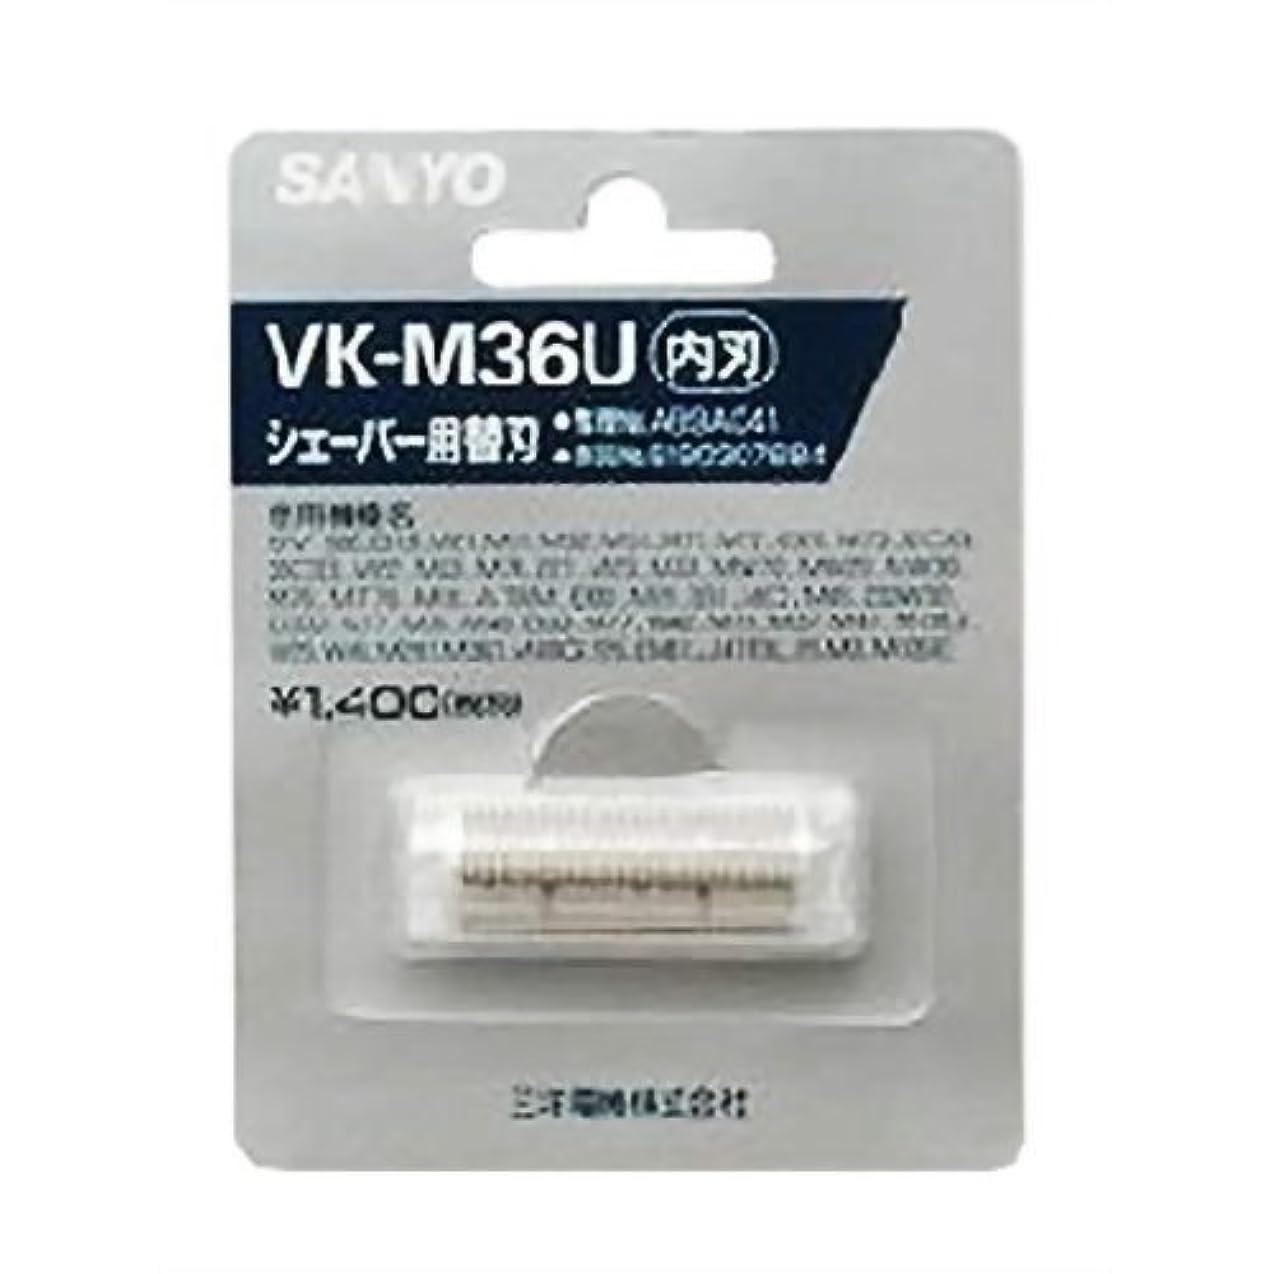 変更可能イチゴ幸運なSANYO シェーバー用替刃 内刃 KA-VK-M36U